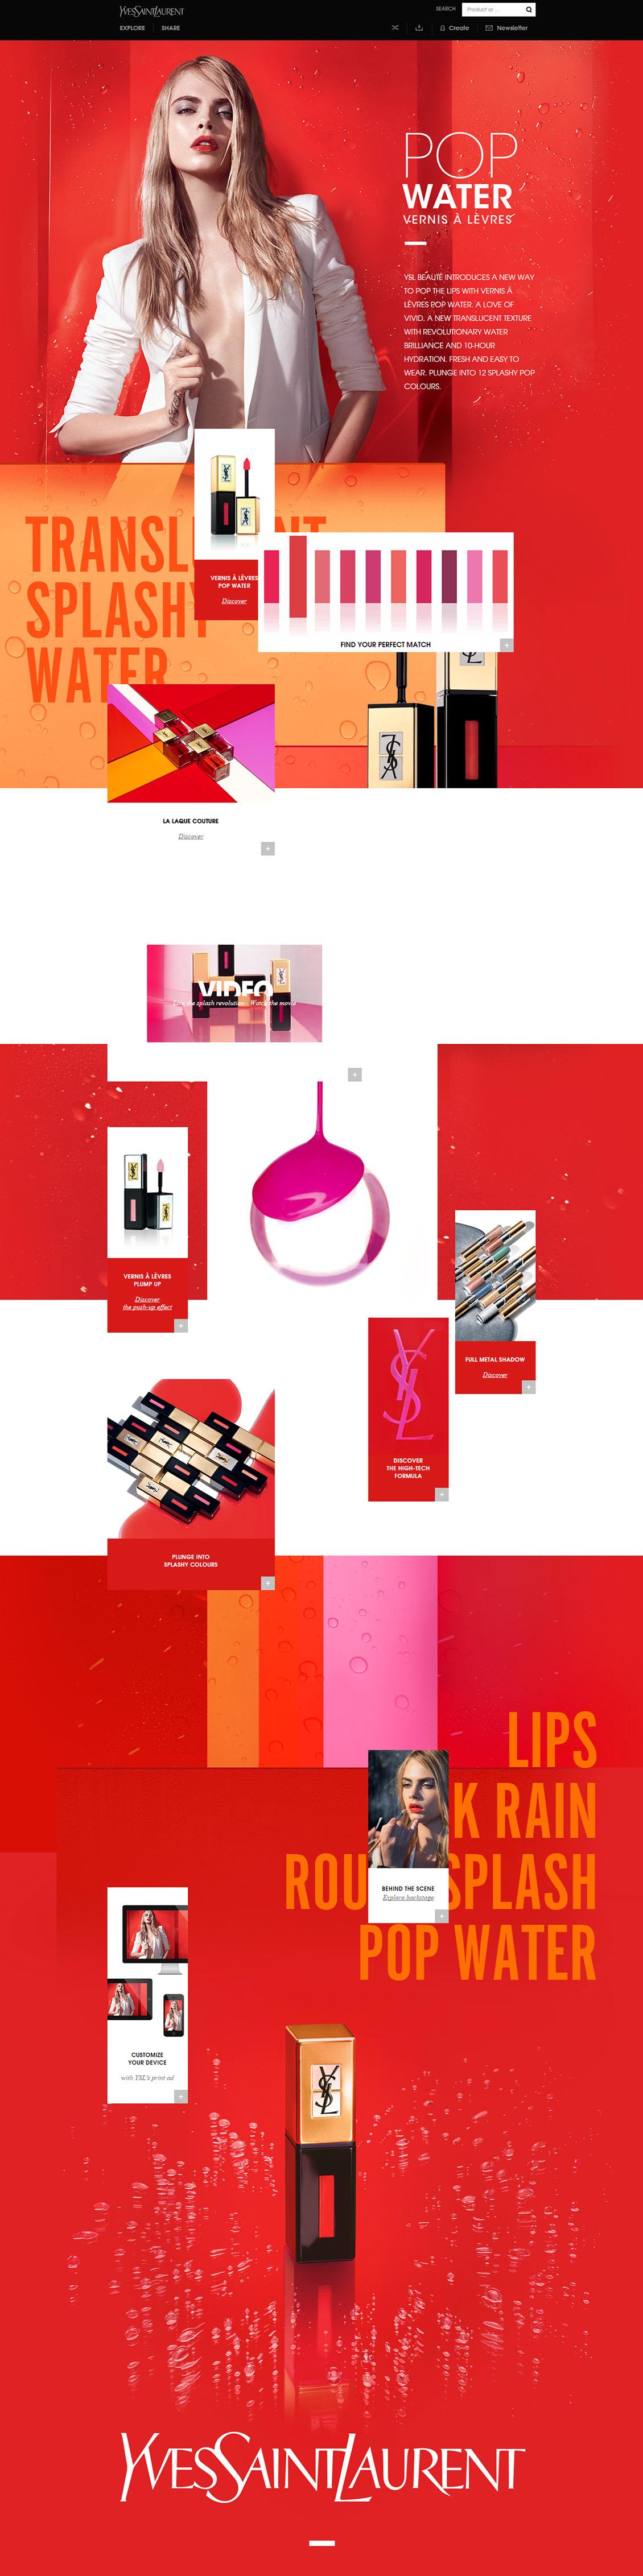 国外yslbeauty化妆品专题网站设计(二)